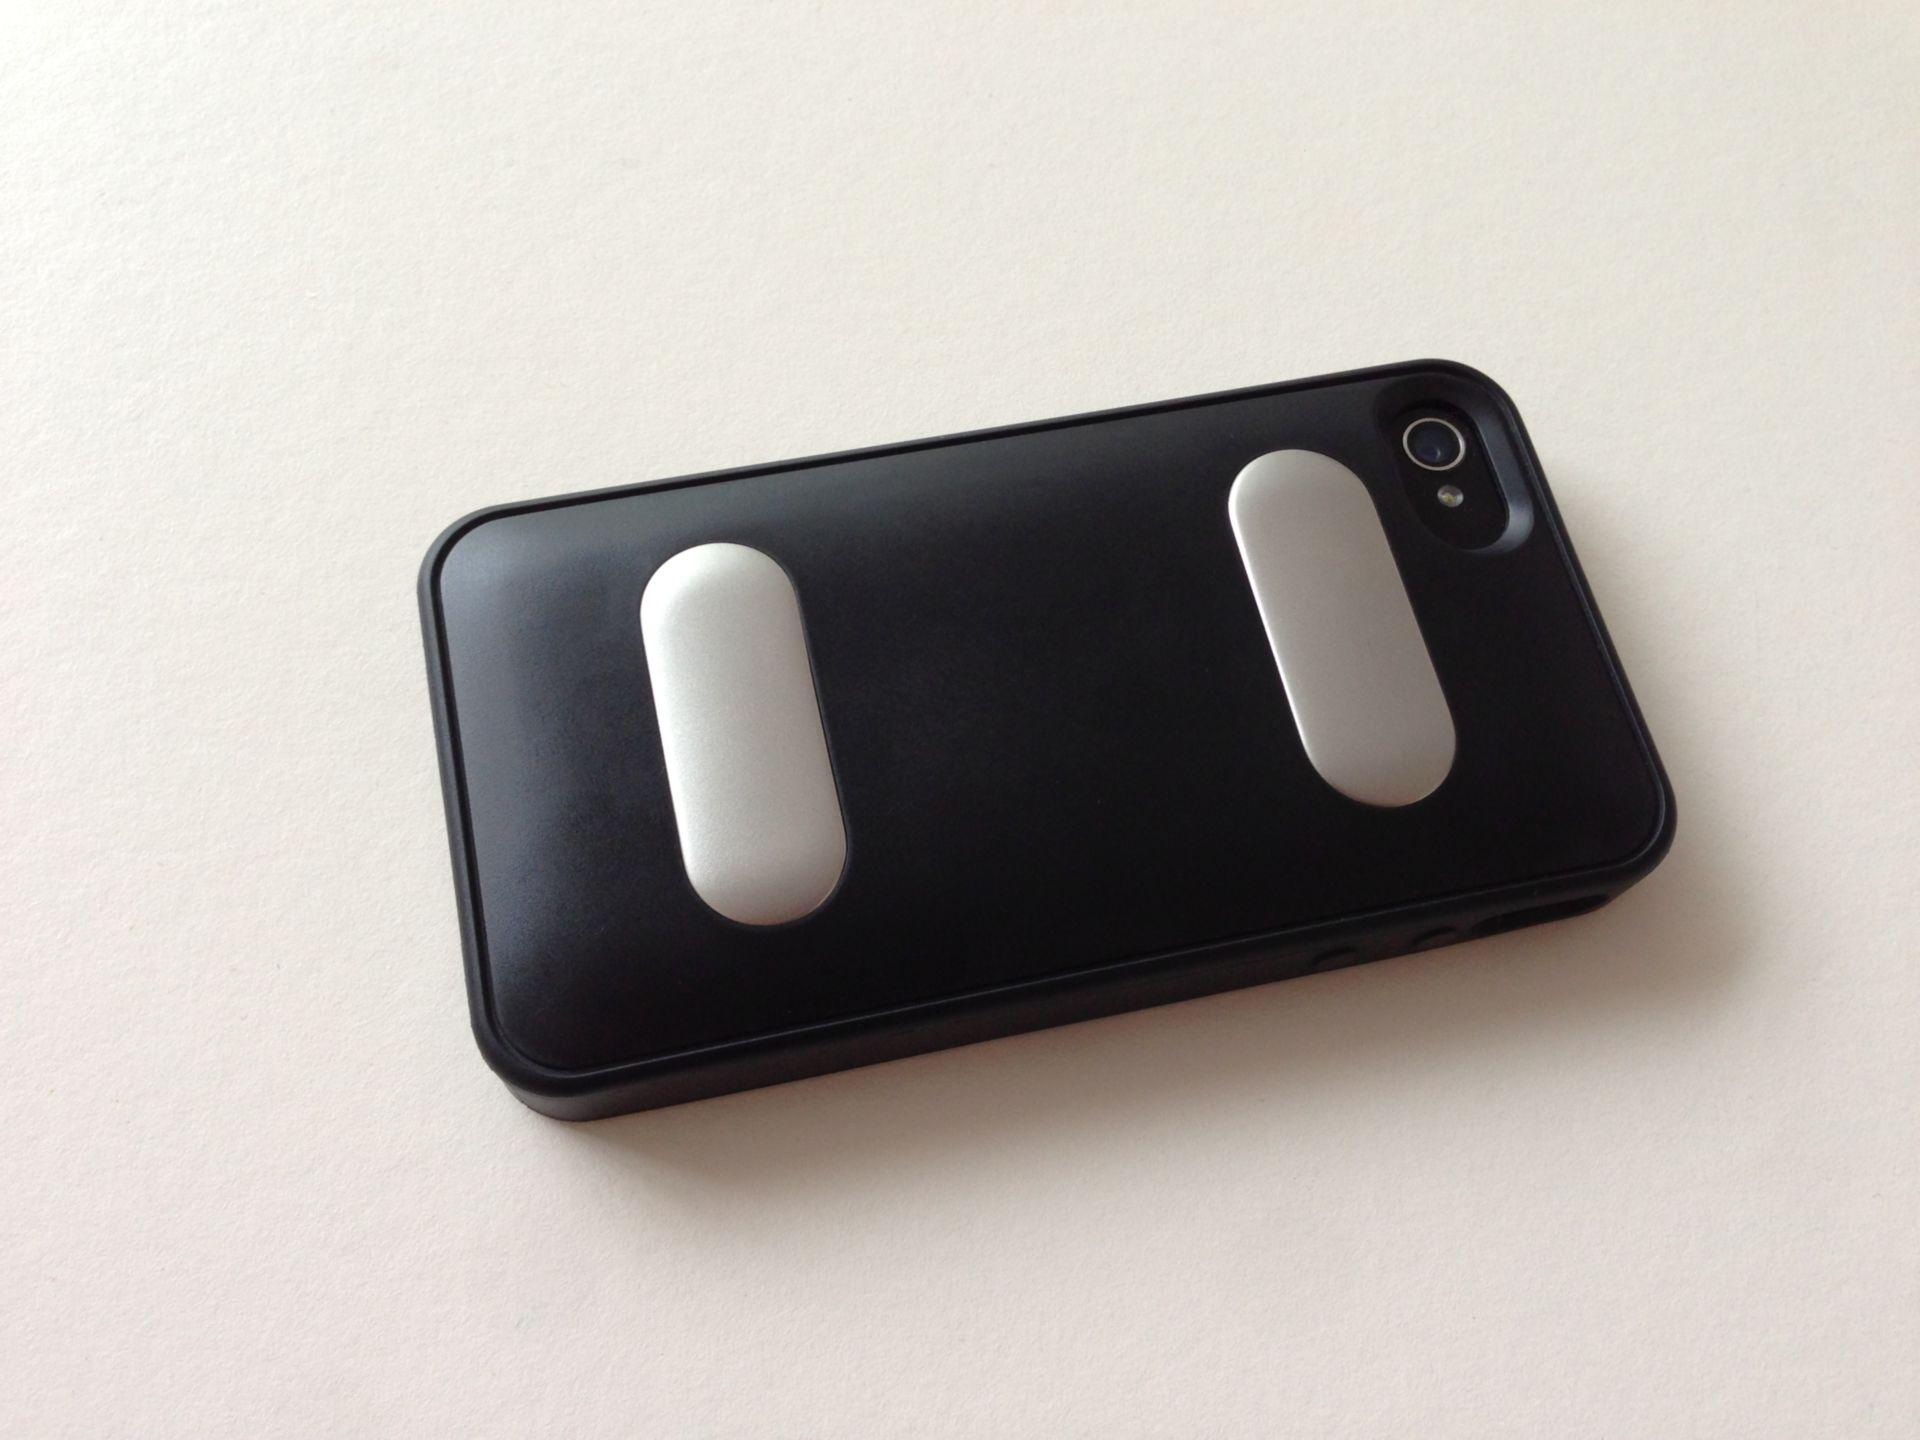 EKG für das iPhone - AliveCor